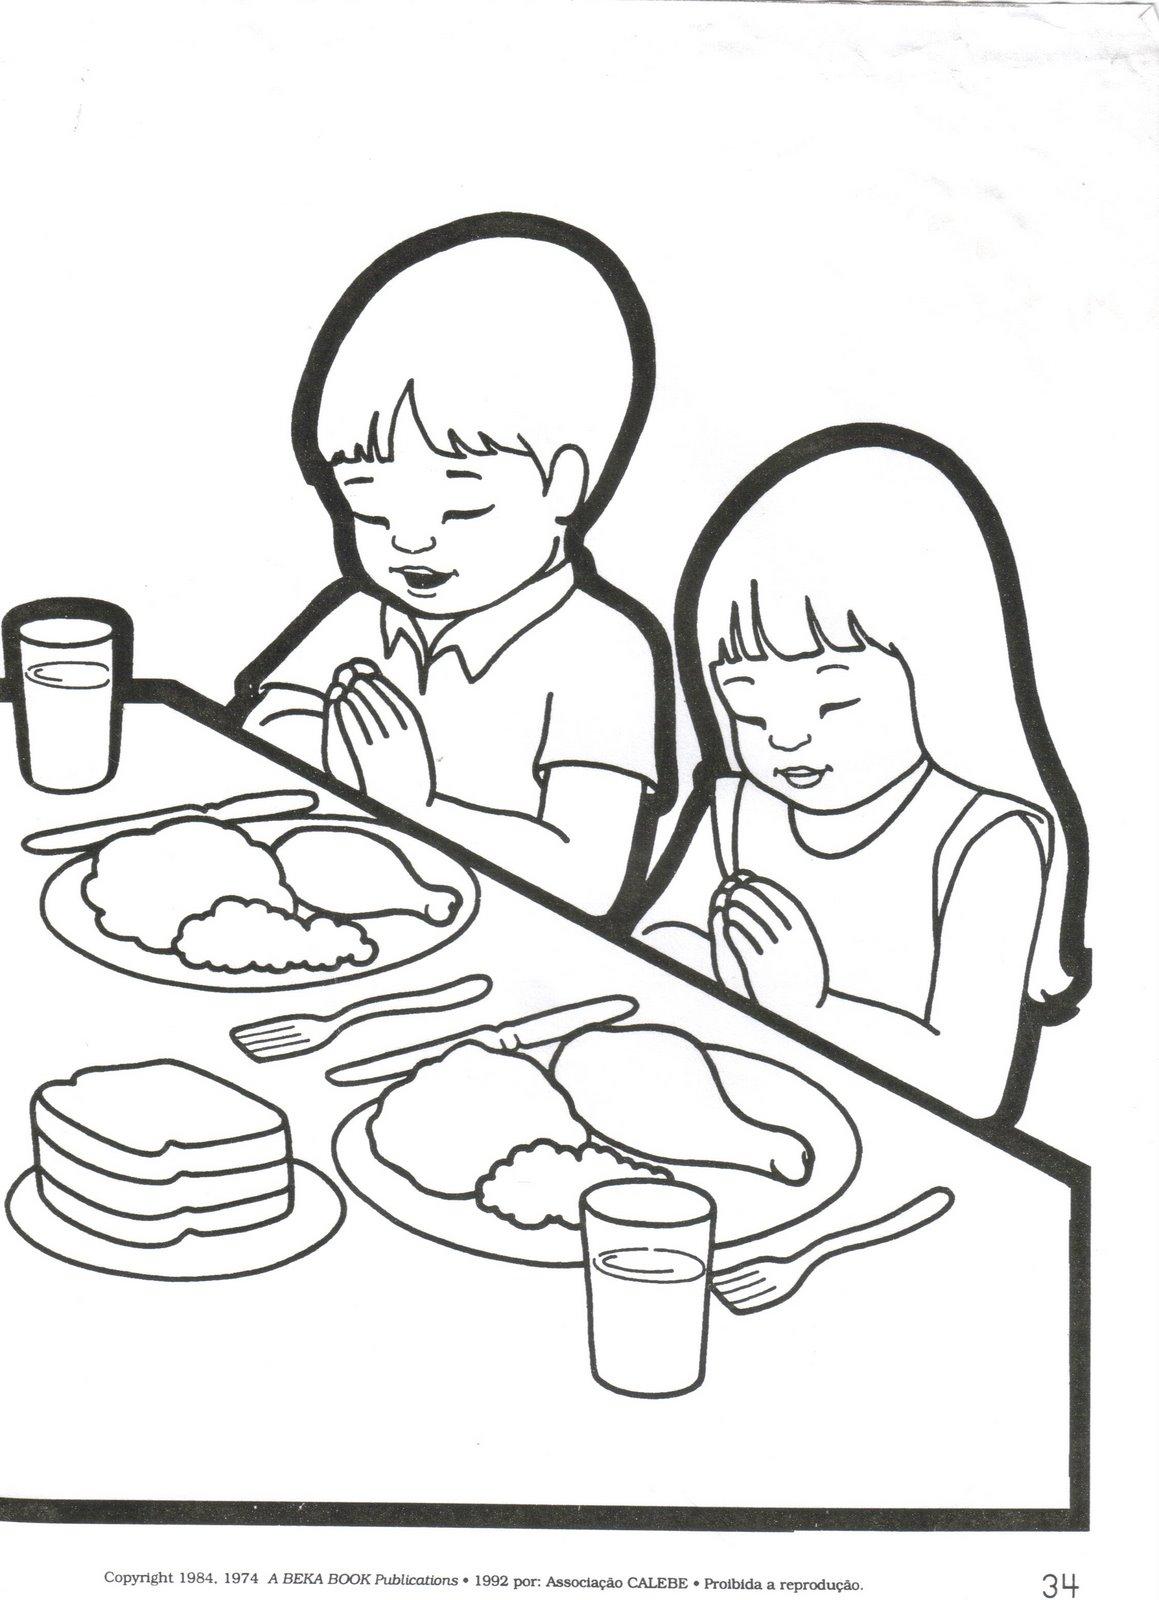 Imagenes Del Derecho A La Alimentacion Para Colorear Imagui